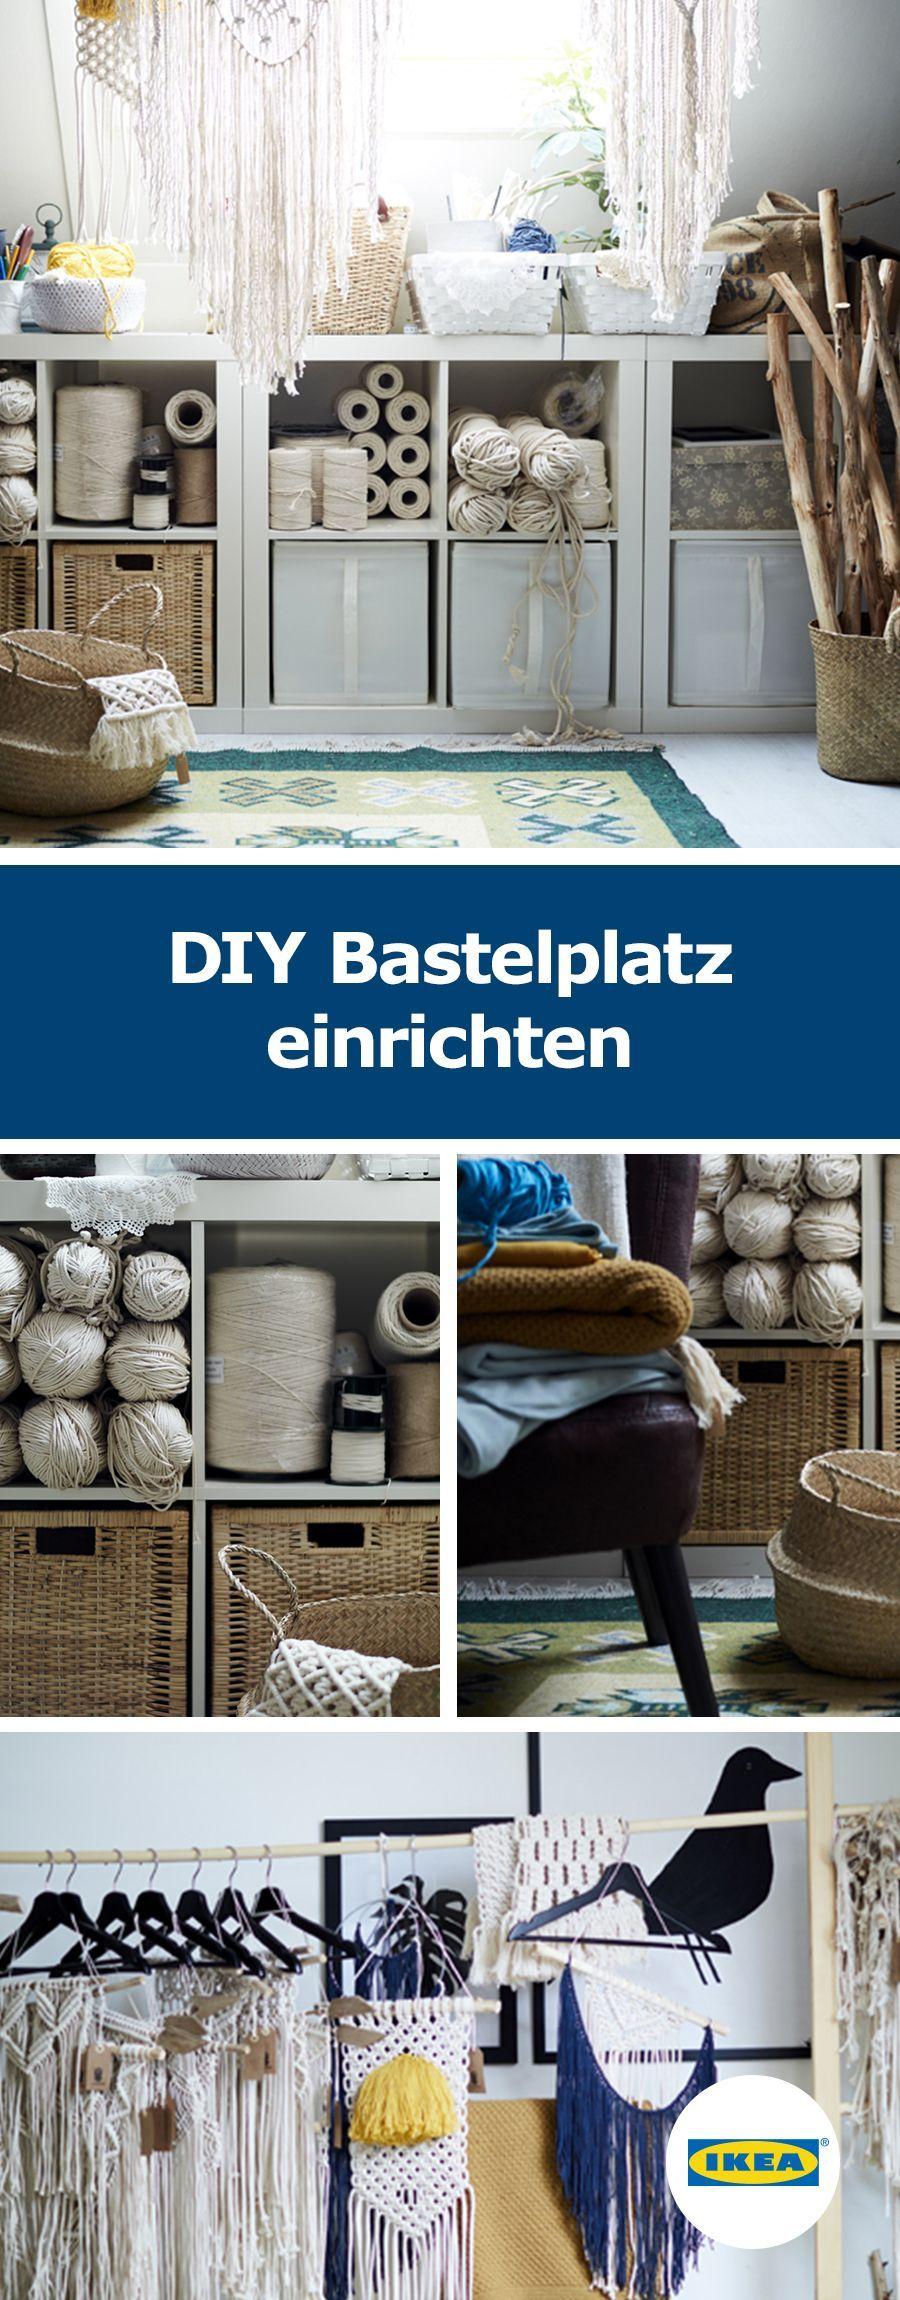 IKEA Deutschland | Lass dich bei der Gestaltung deines Bastelplatzes von den Dingen leiten, die dir Freude machen. Vielleicht inspiriert dich ja Aysus Arbeitsplatz dazu, deinen umzugestalten? #ikeadeutschlandweihnachten IKEA Deutschland | Lass dich bei der Gestaltung deines Bastelplatzes von den Dingen leiten, die dir Freude machen. Vielleicht inspiriert dich ja Aysus Arbeitsplatz dazu, deinen umzugestalten? #ikeadeutschlandweihnachten